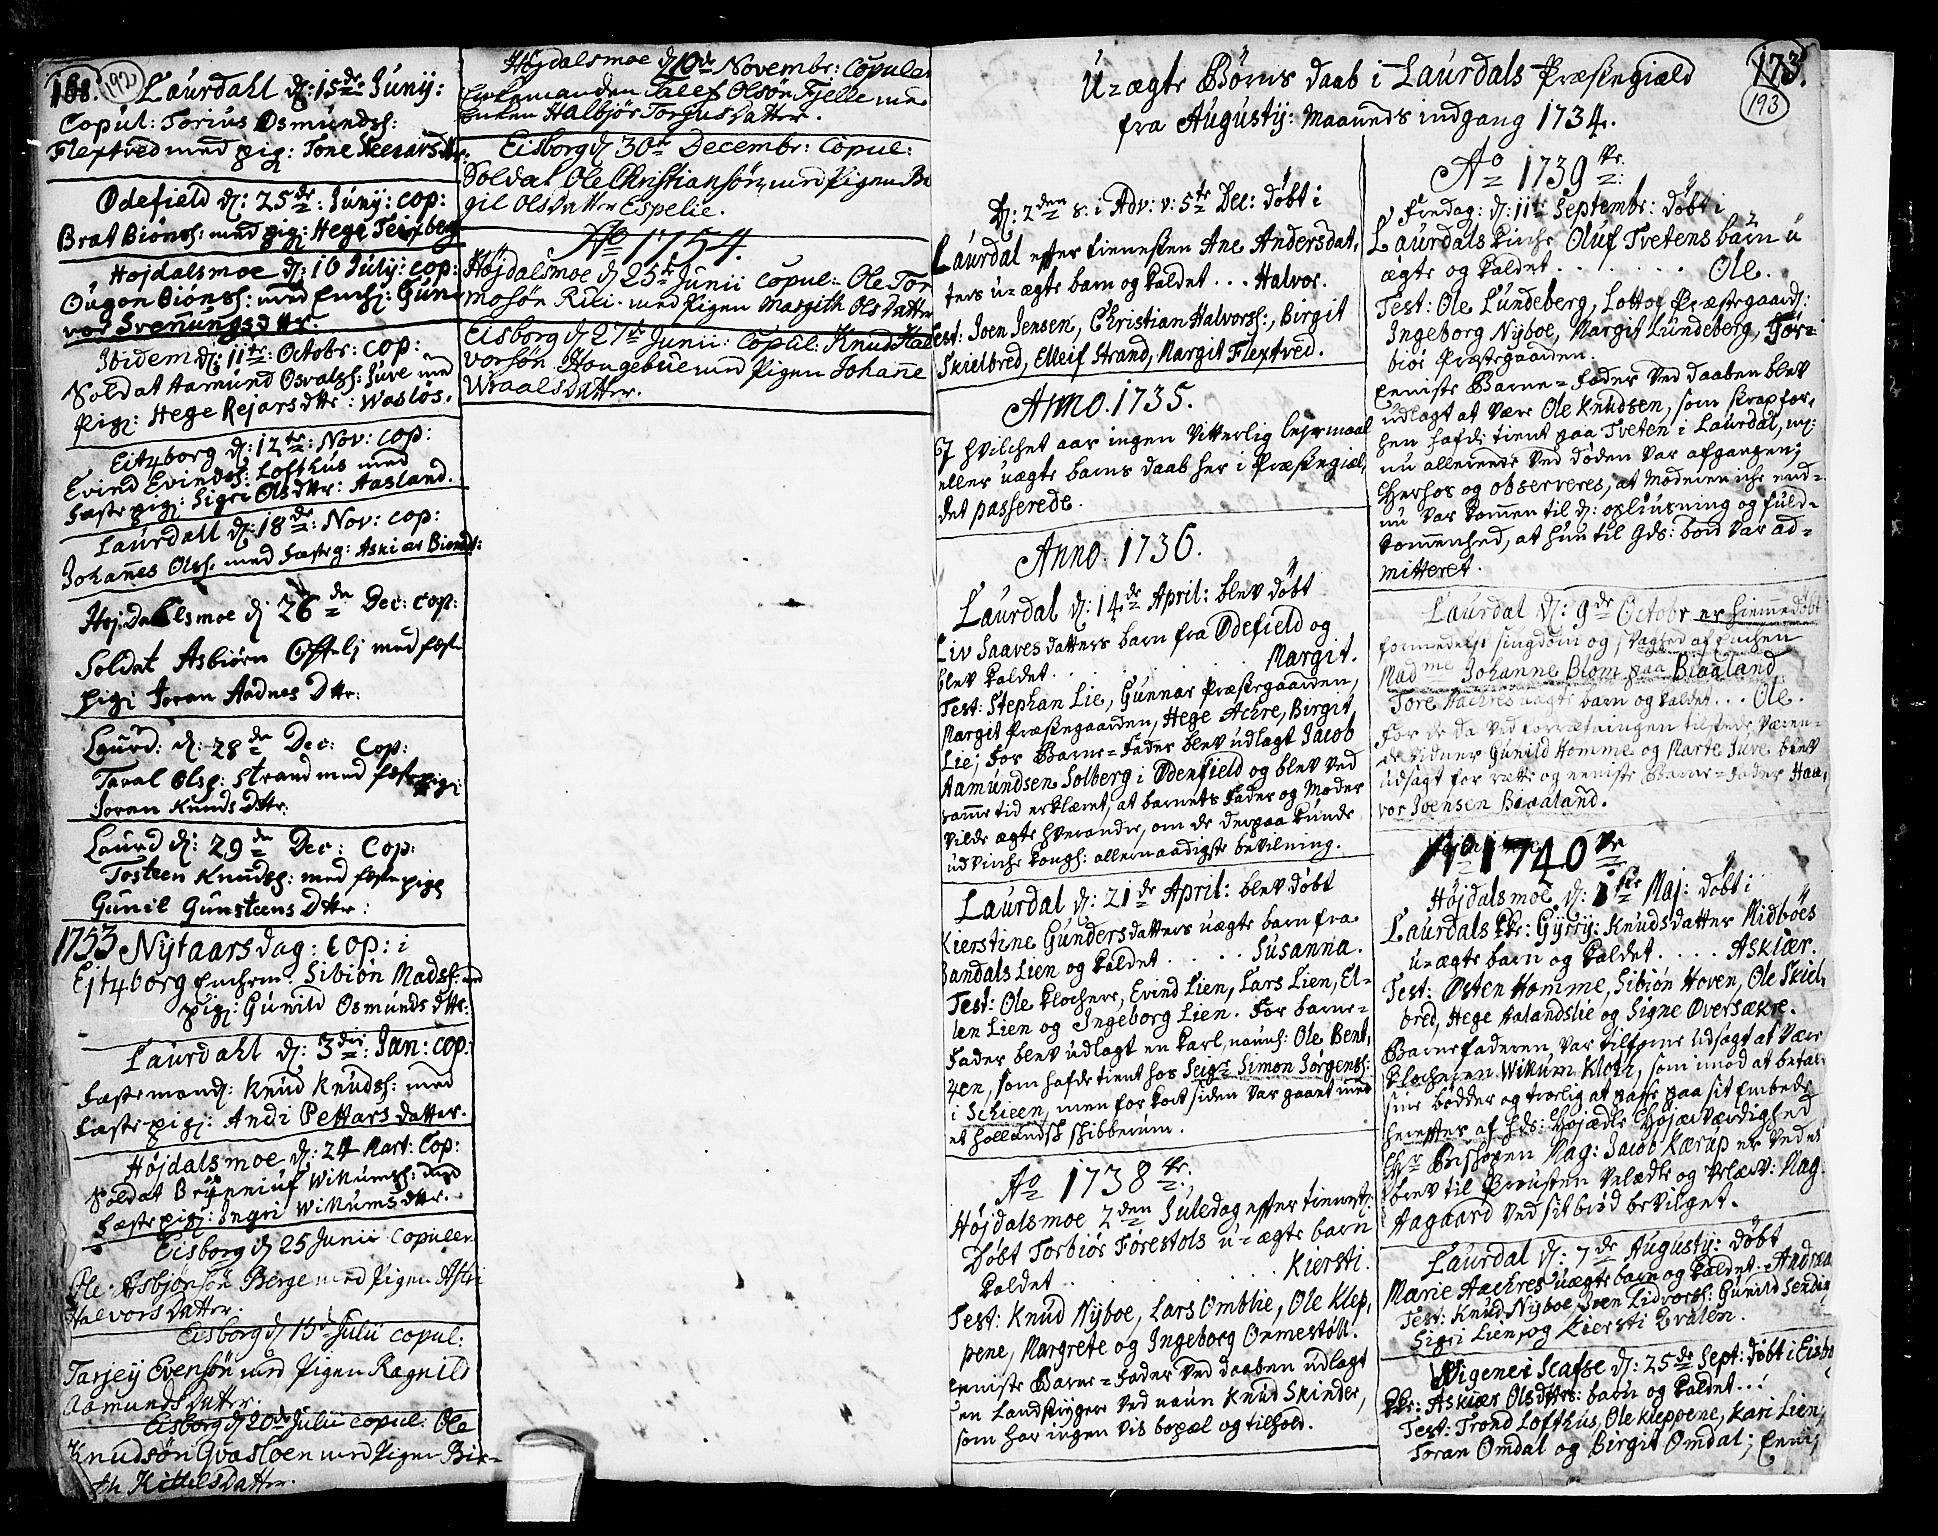 SAKO, Lårdal kirkebøker, F/Fa/L0002: Ministerialbok nr. I 2, 1734-1754, s. 192-193